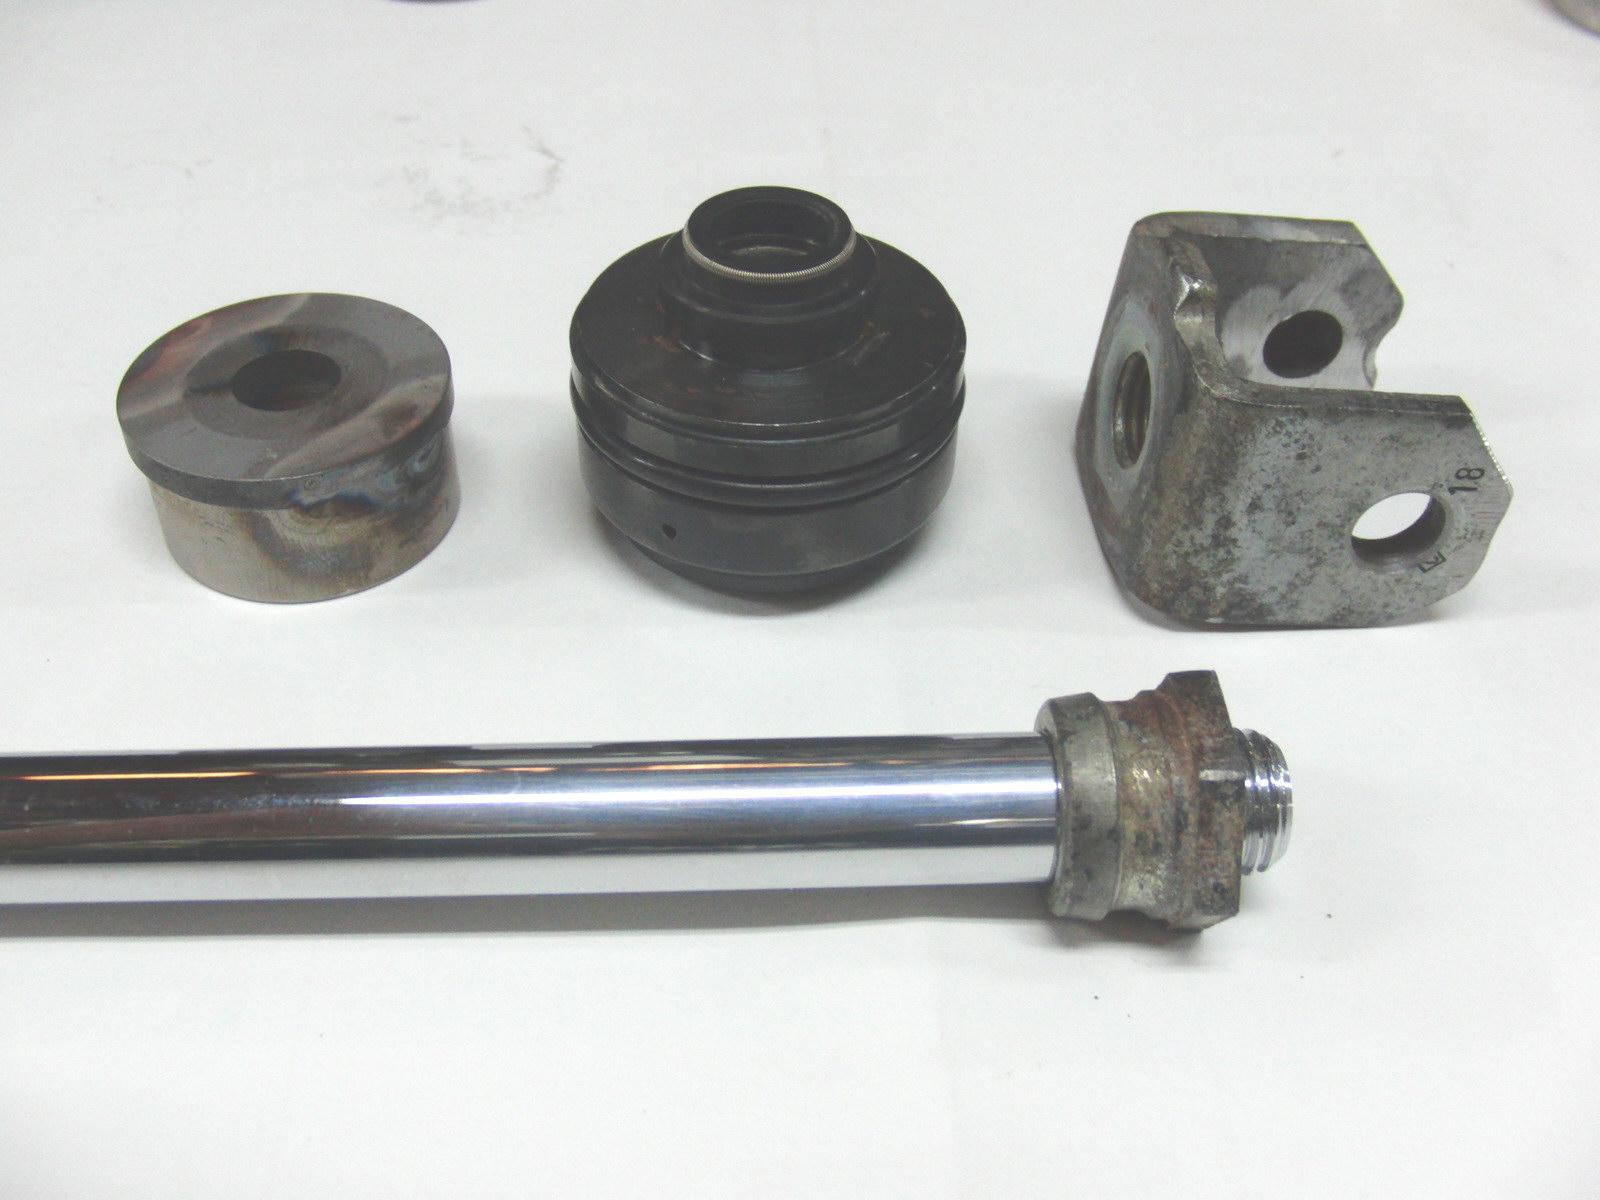 http://www.precious-factory.com/preciousfactory2010/CIMG0471.JPG